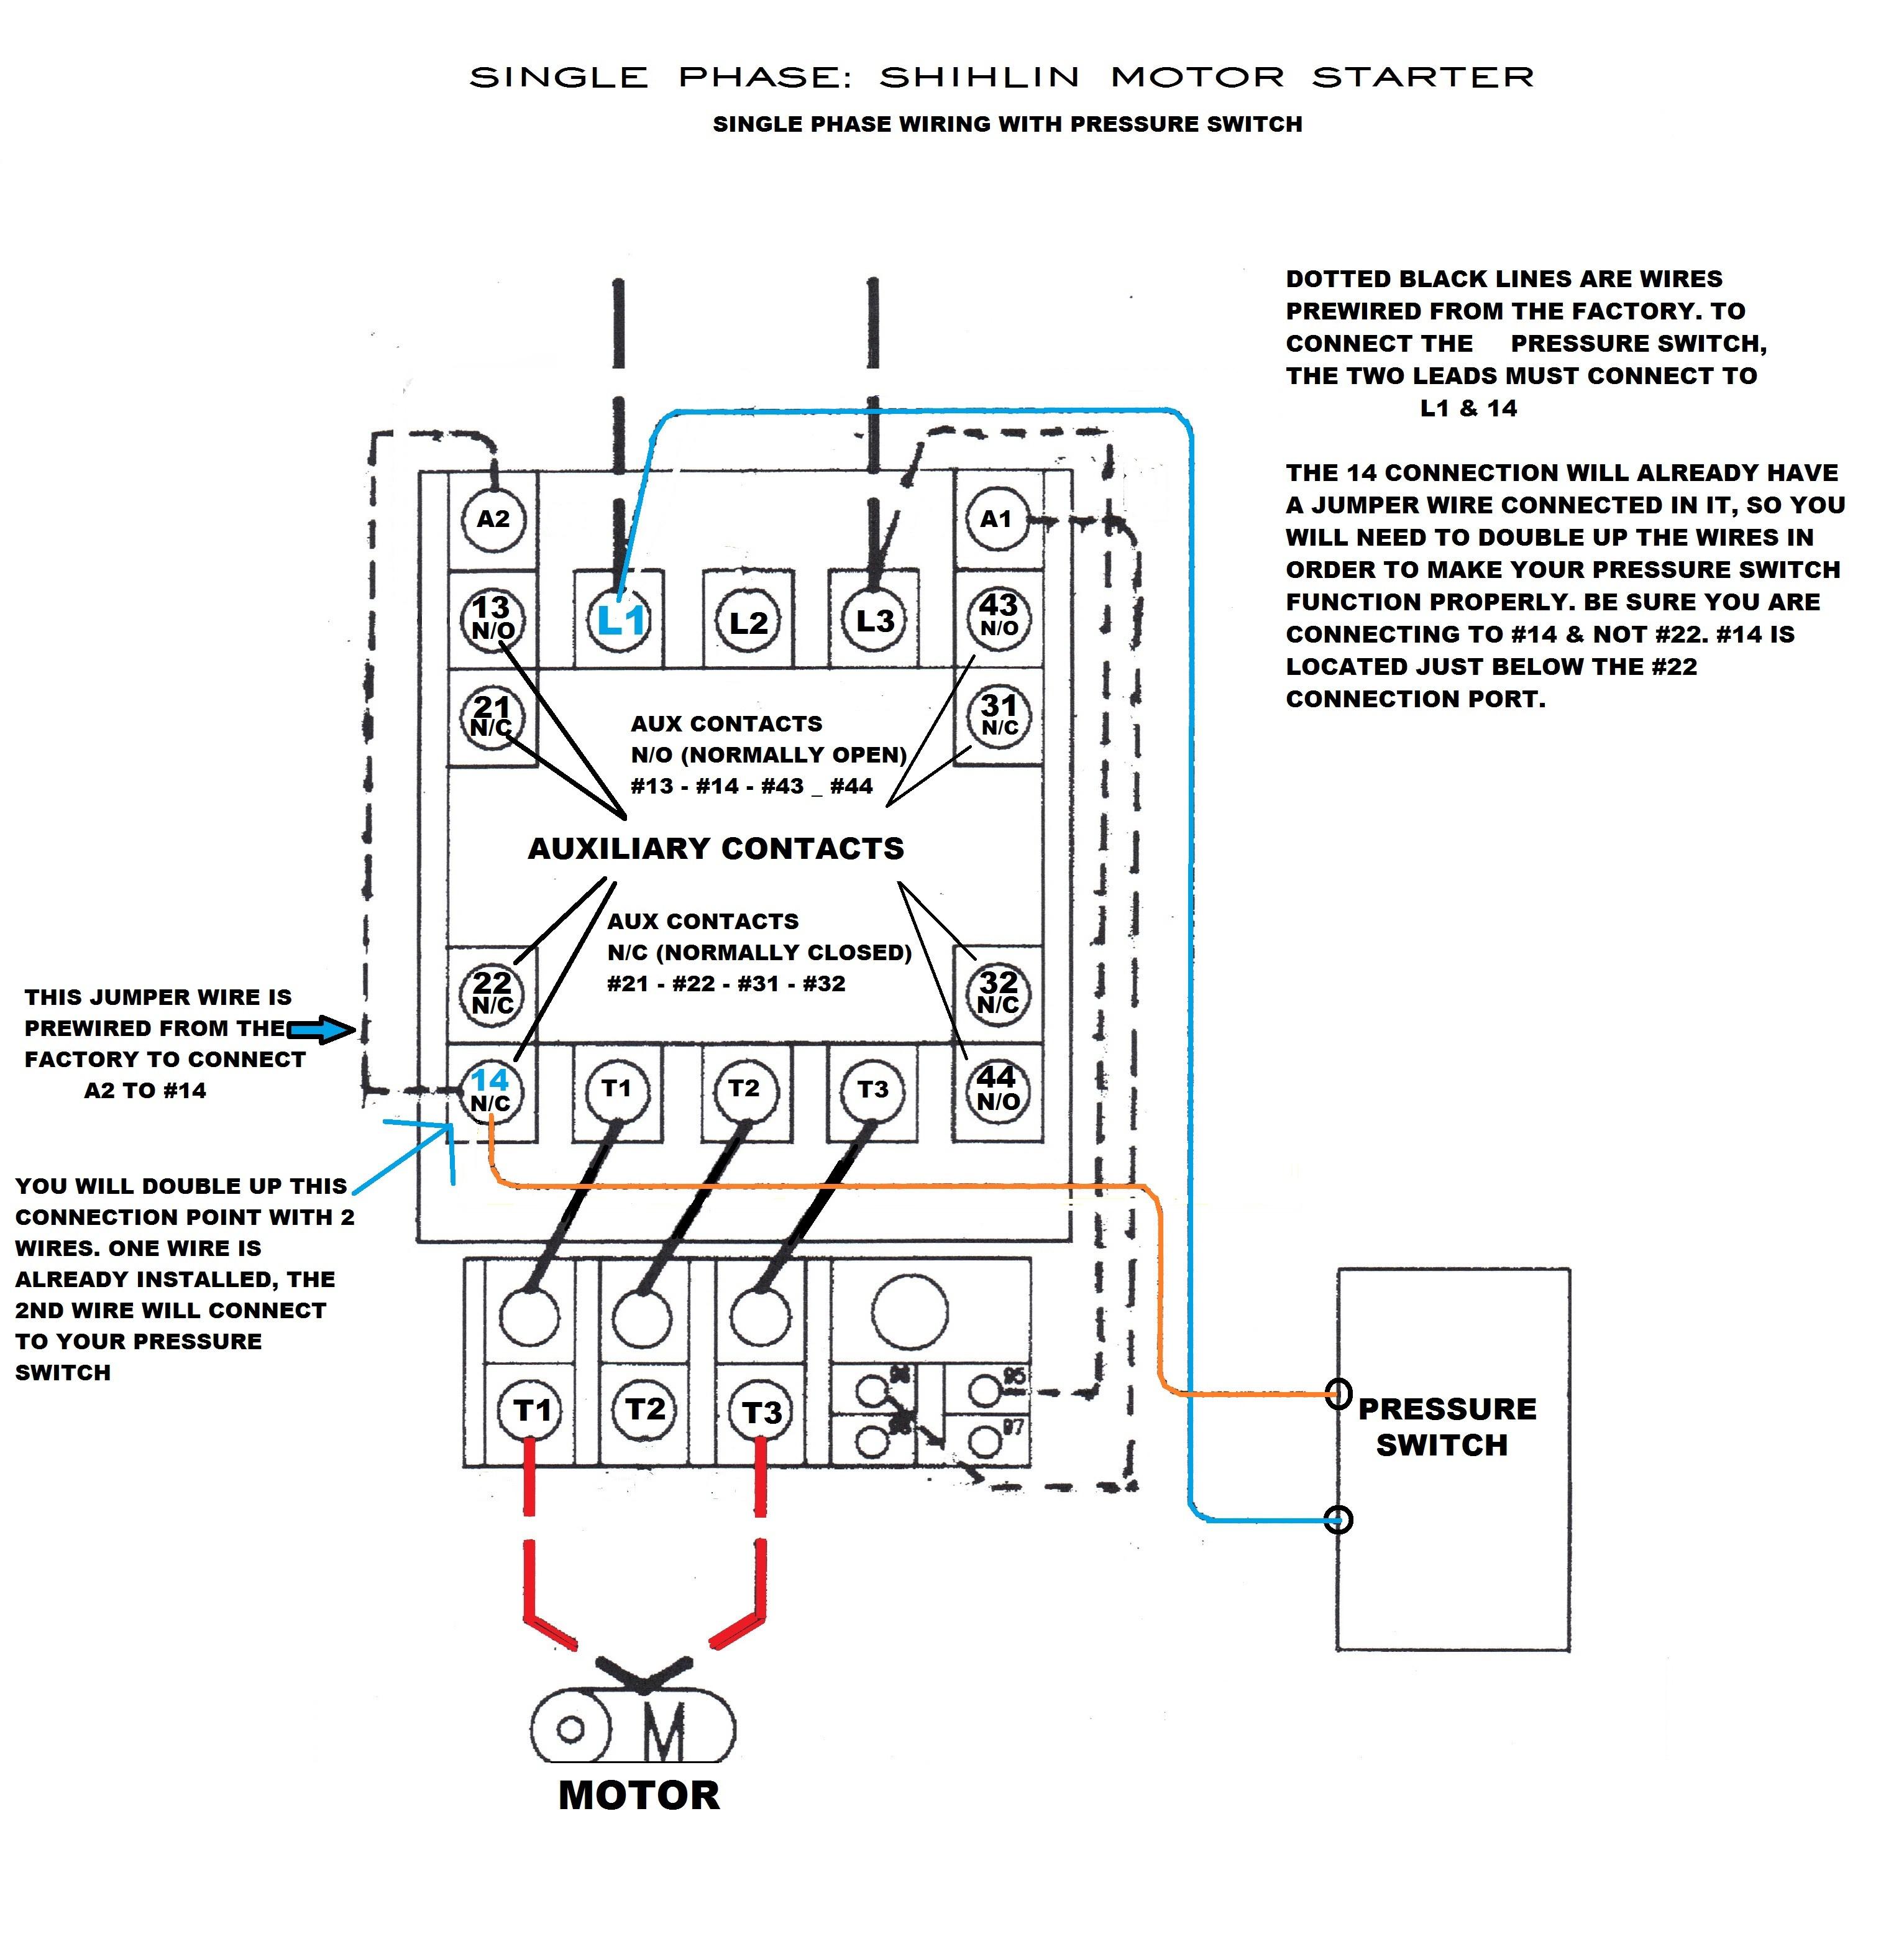 Fresh Square D Air Compressor Pressure Switch Wiring Diagram And New - Air Compressor Pressure Switch Wiring Diagram